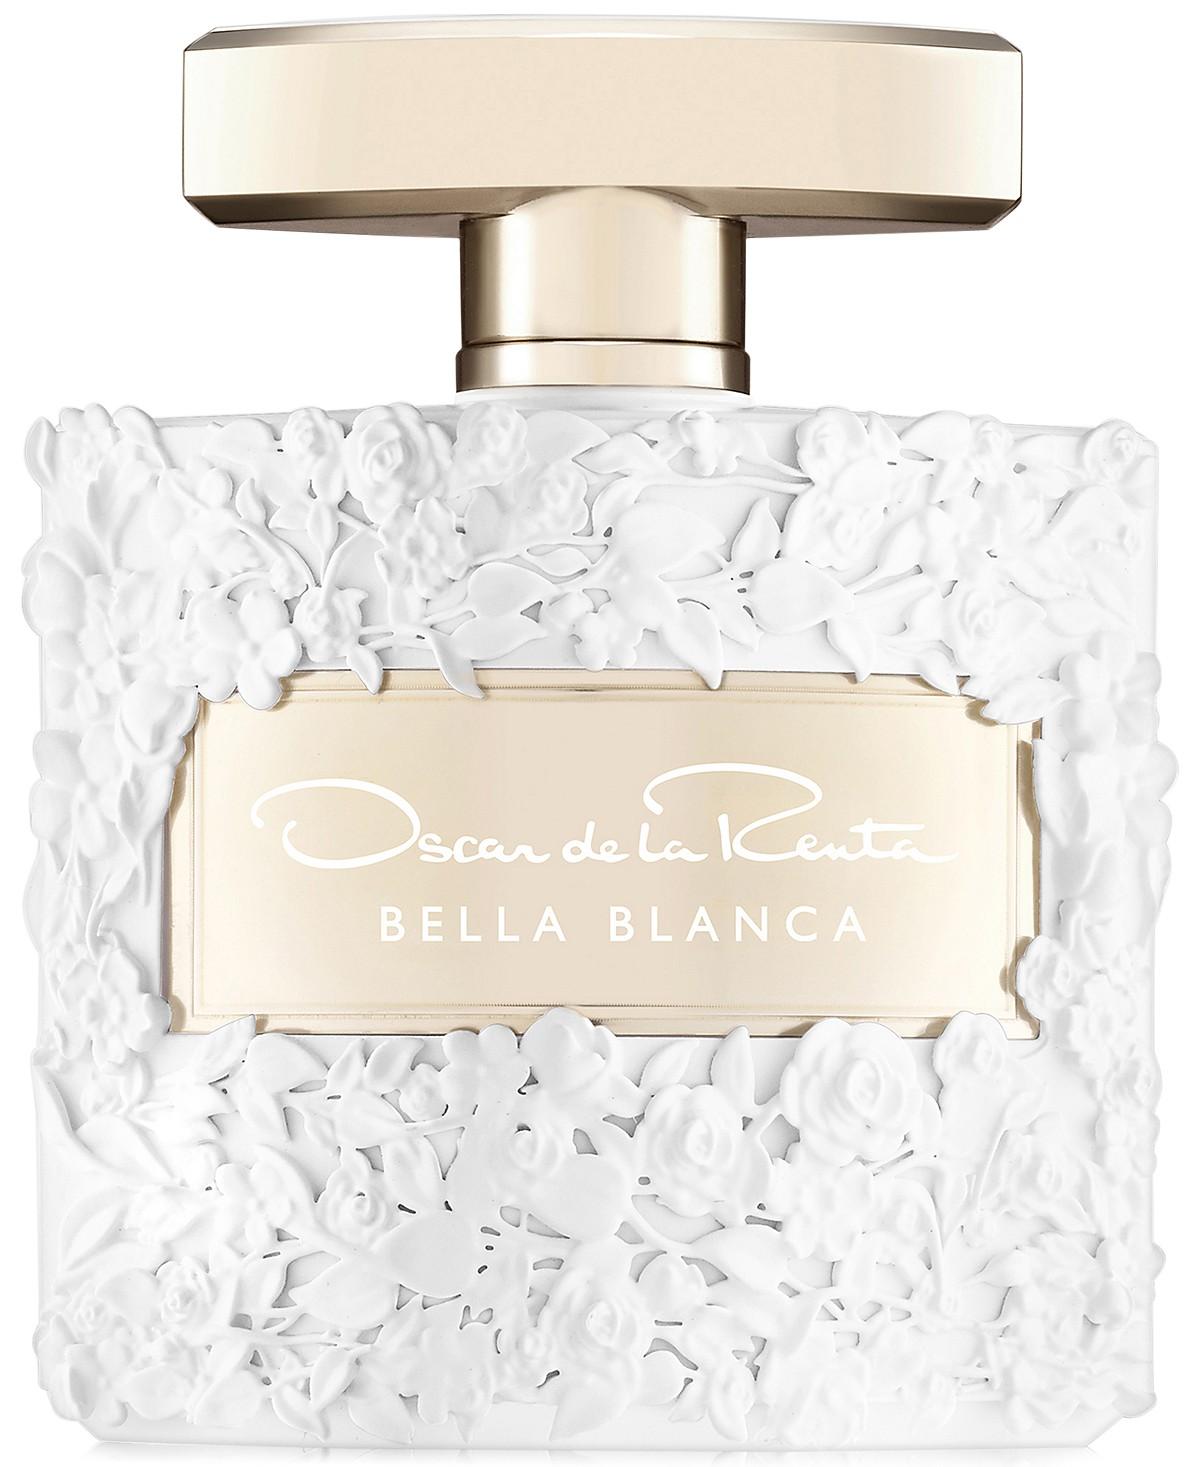 c81e719652ab62 Bella Blanca Oscar de la Renta perfume - a new fragrance for women 2018